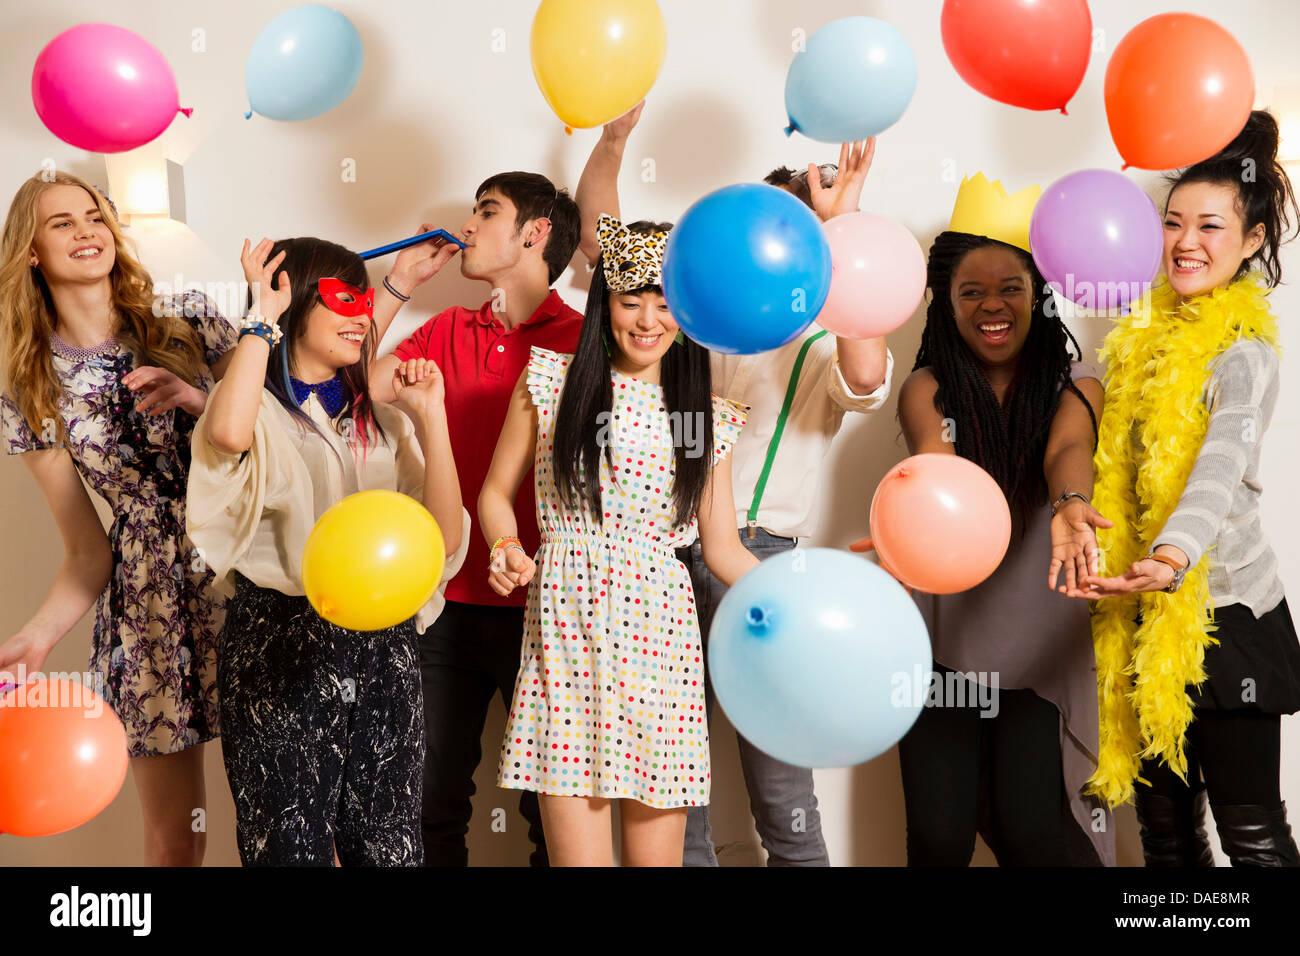 Les amis à une fête avec des ballons, studio shot Photo Stock